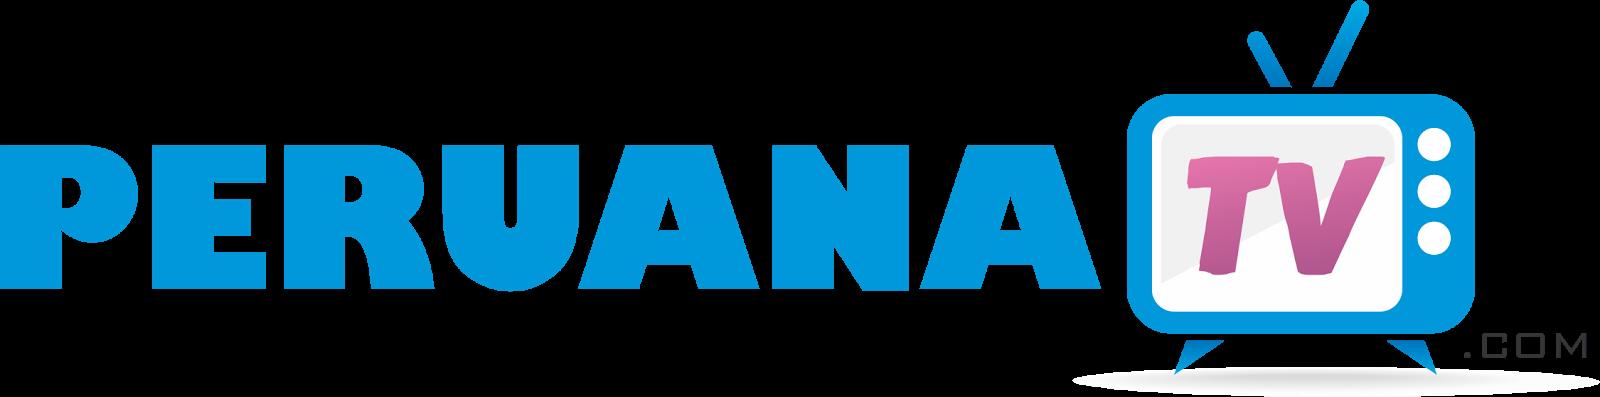 Peruana TV